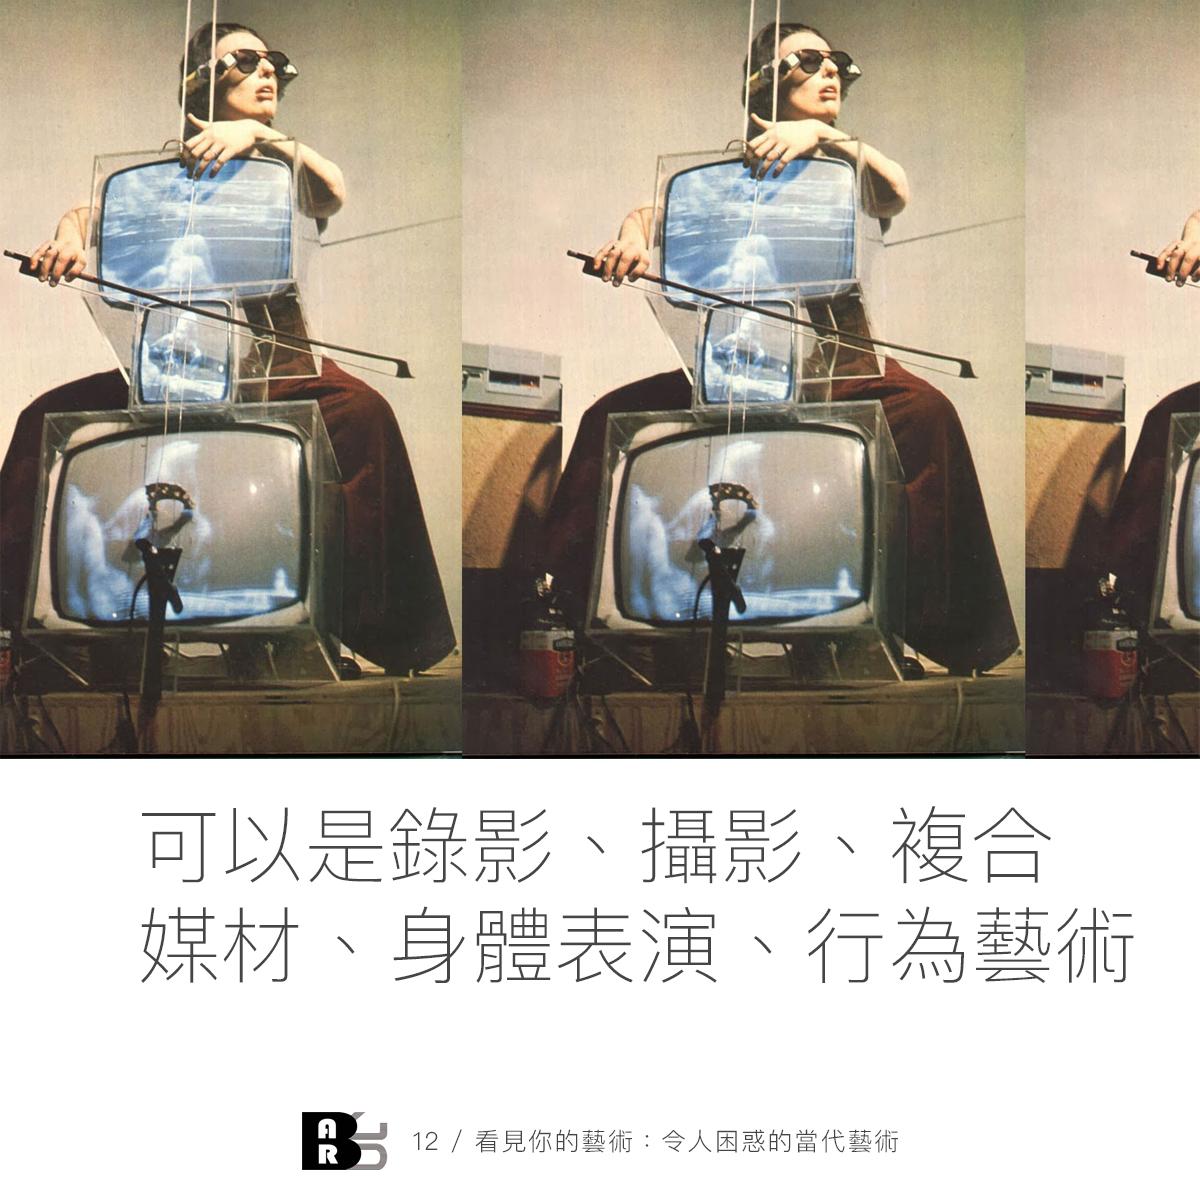 白南准(Nam June Paik),《電視大提琴和錄影帶演奏會》,1967。